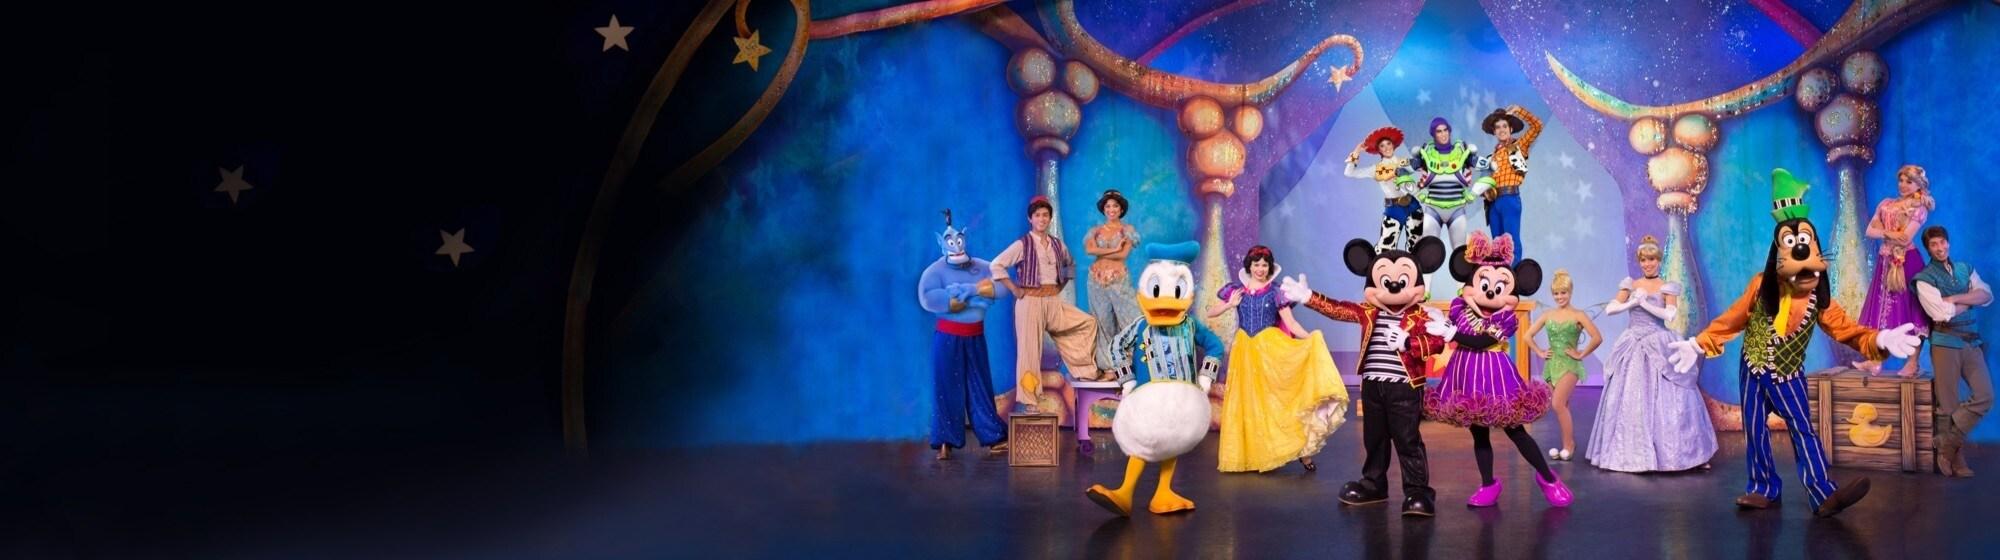 Disney Live! | Doorway to Magic